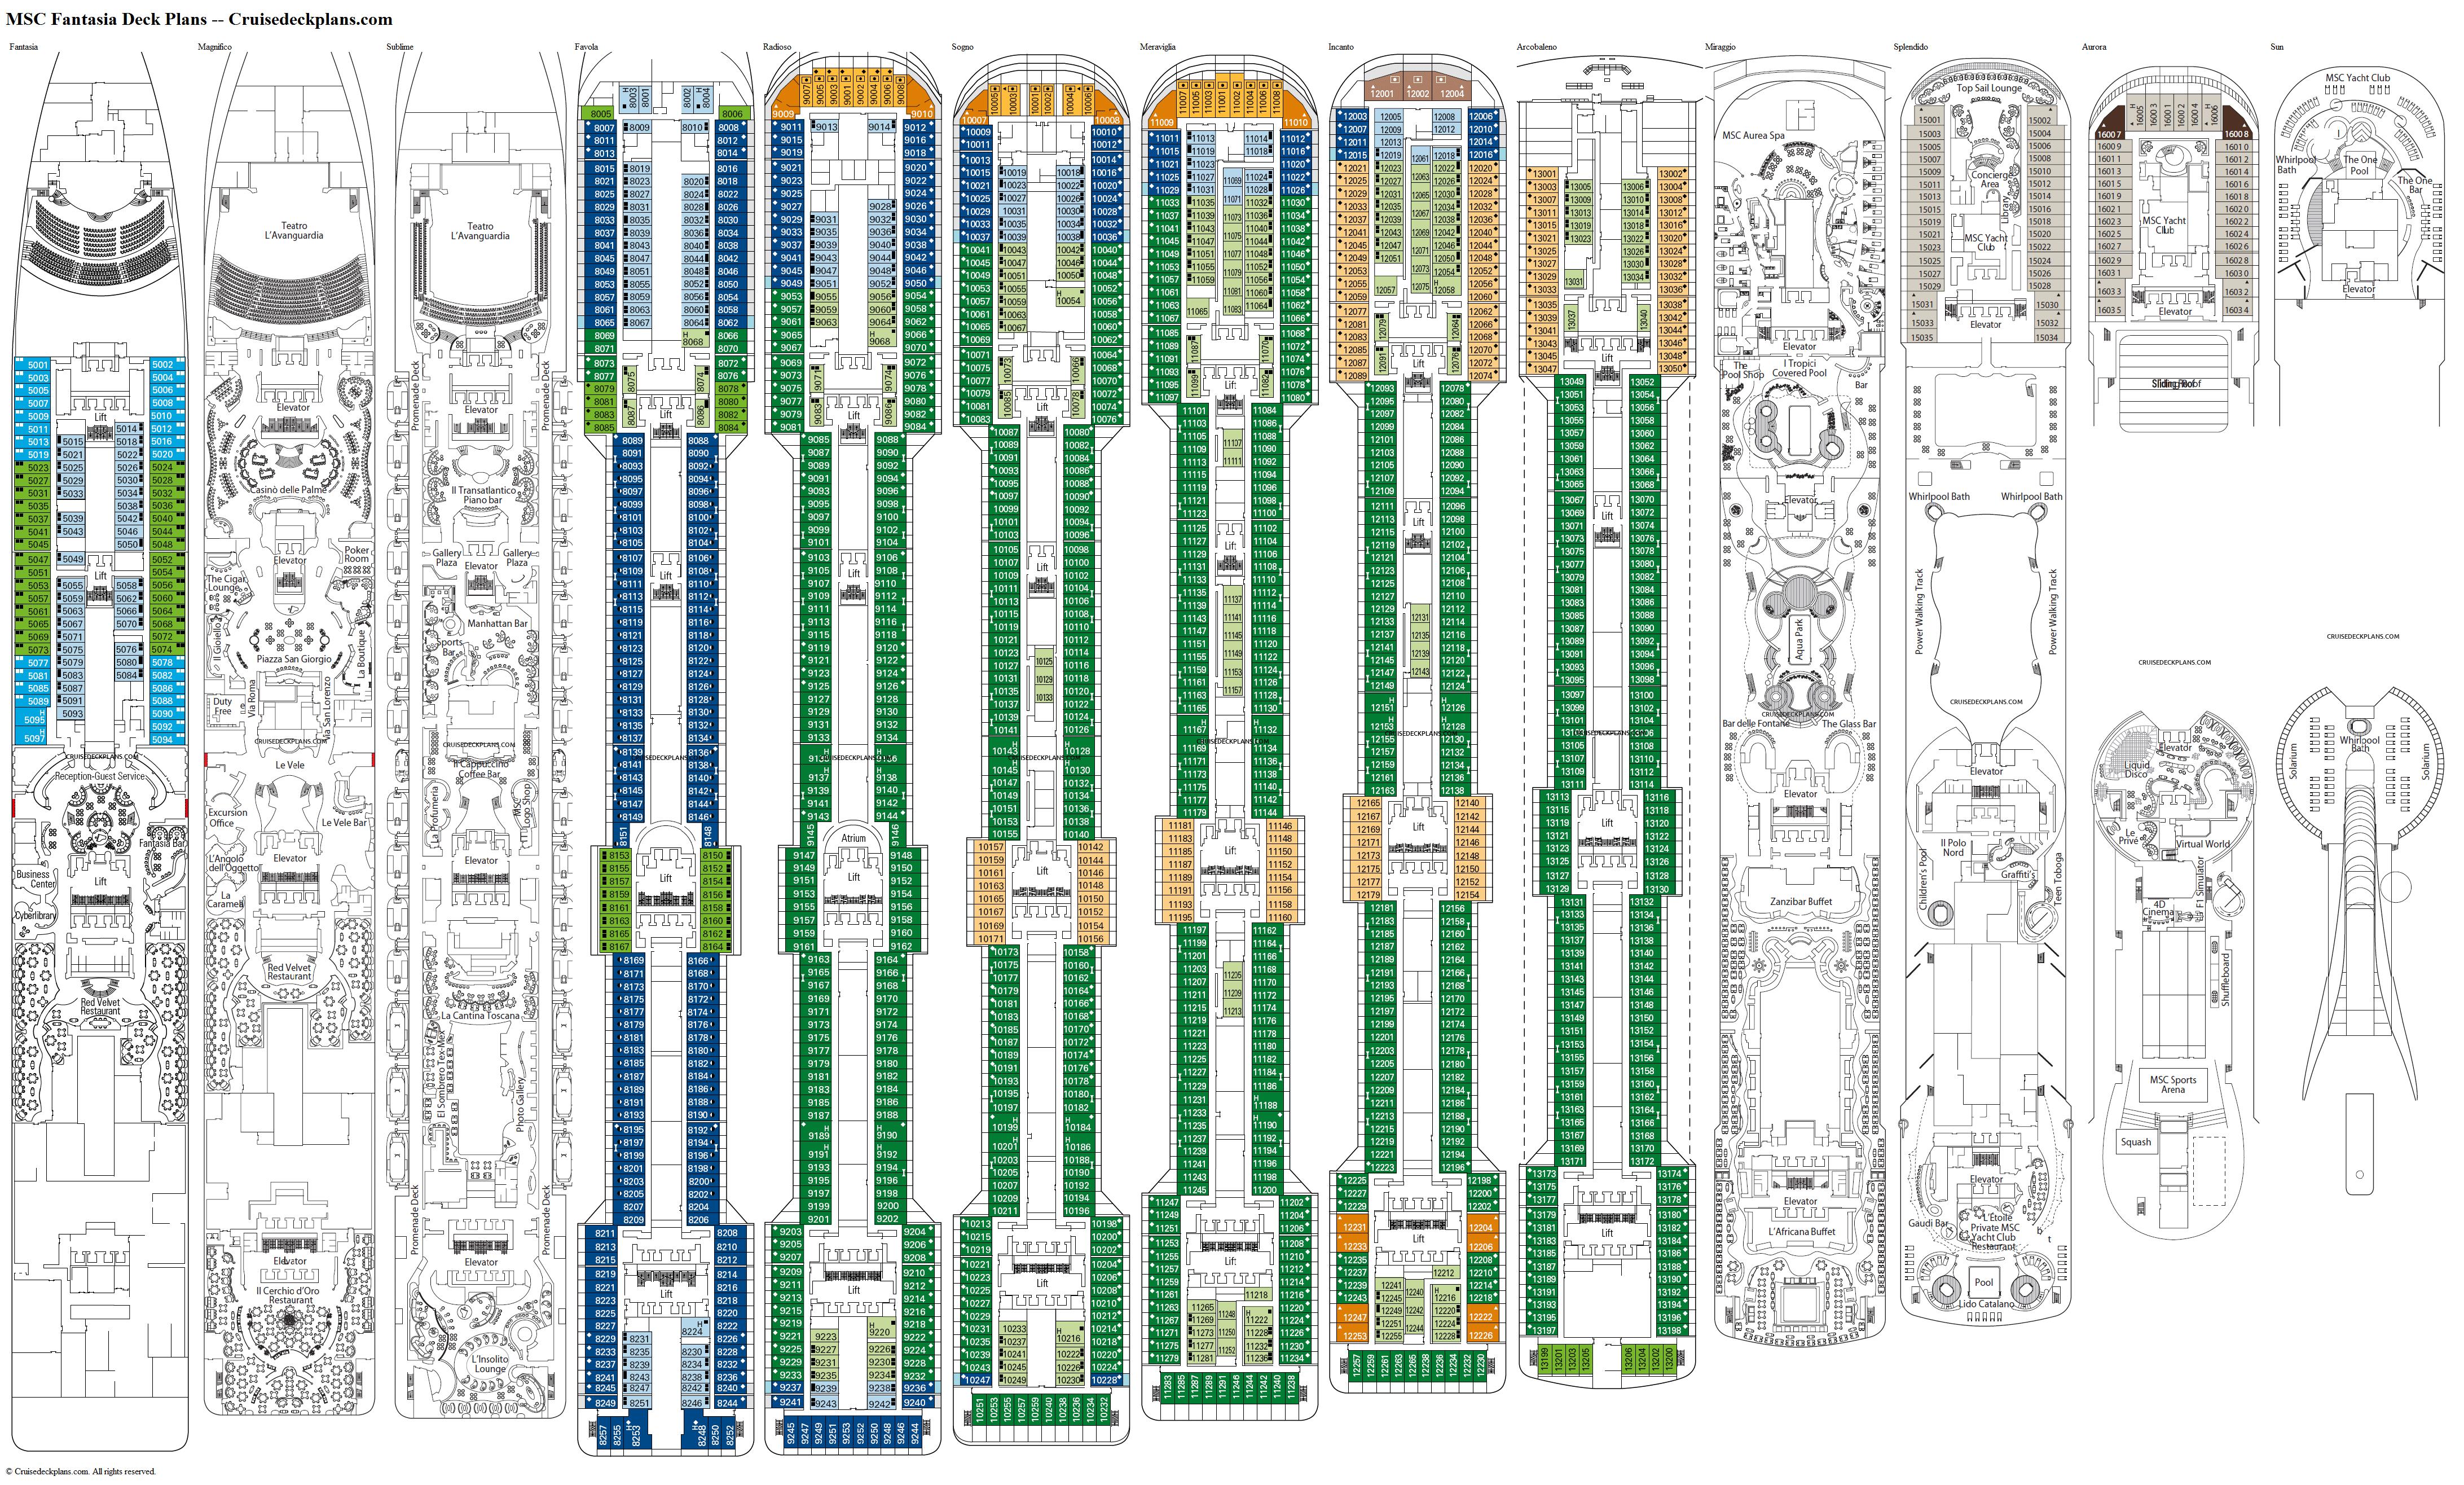 MSC Fantasia Radioso Deck Plan Tour